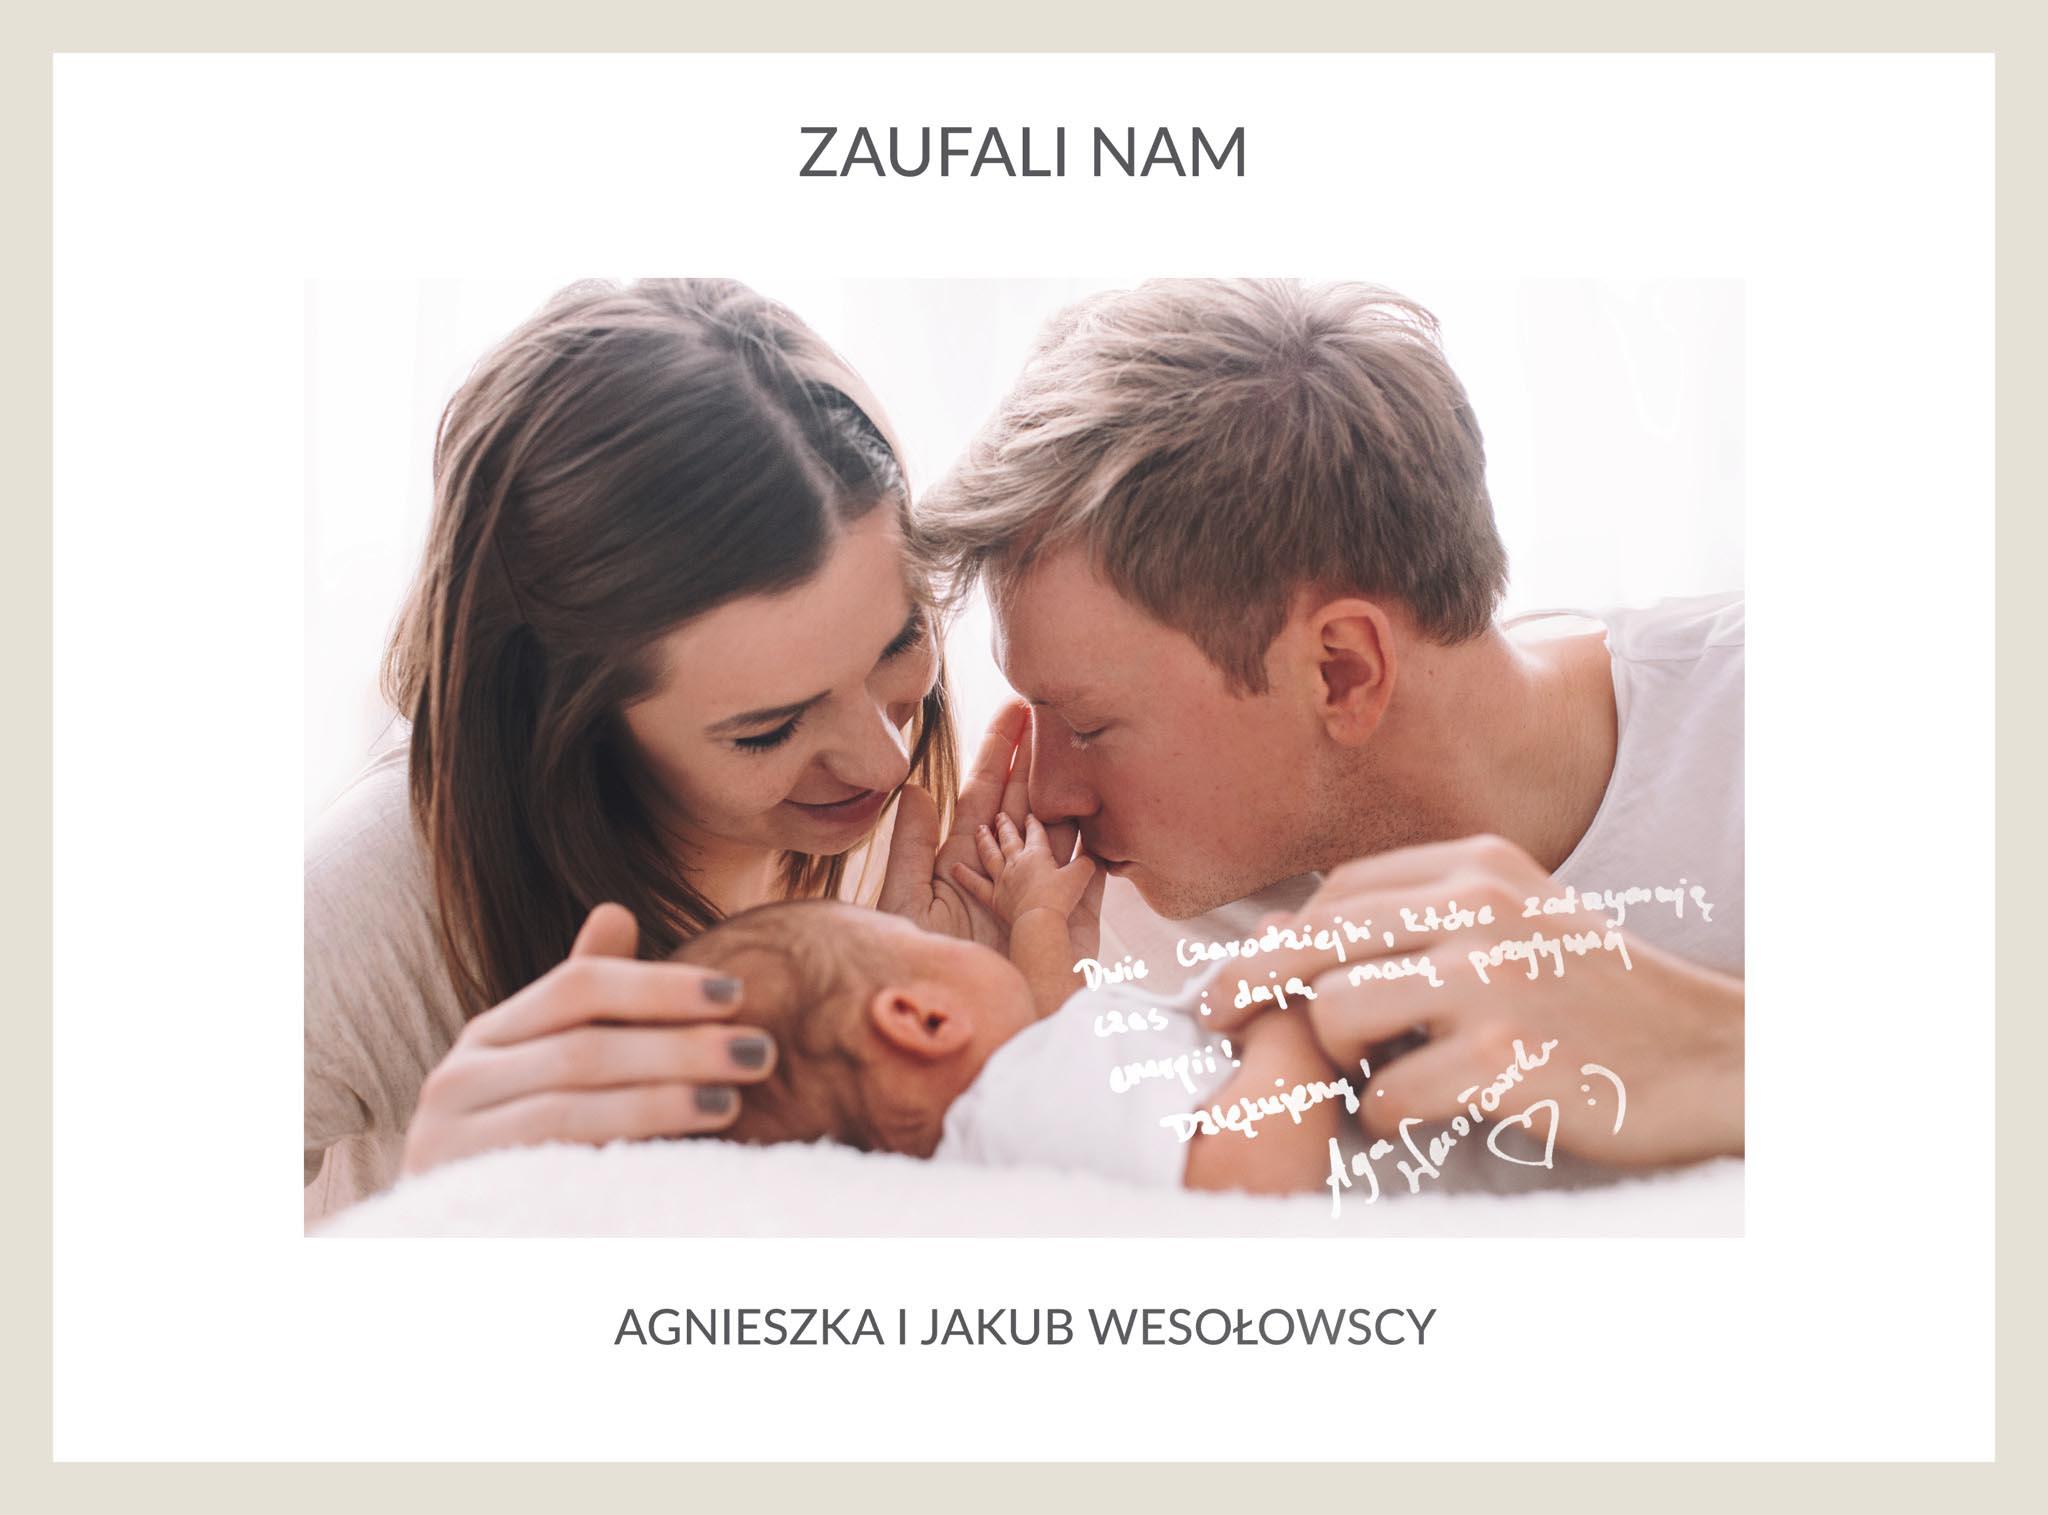 Agnieszka i Jakub Wesołowscy i sesja noworodkowa małej Róży